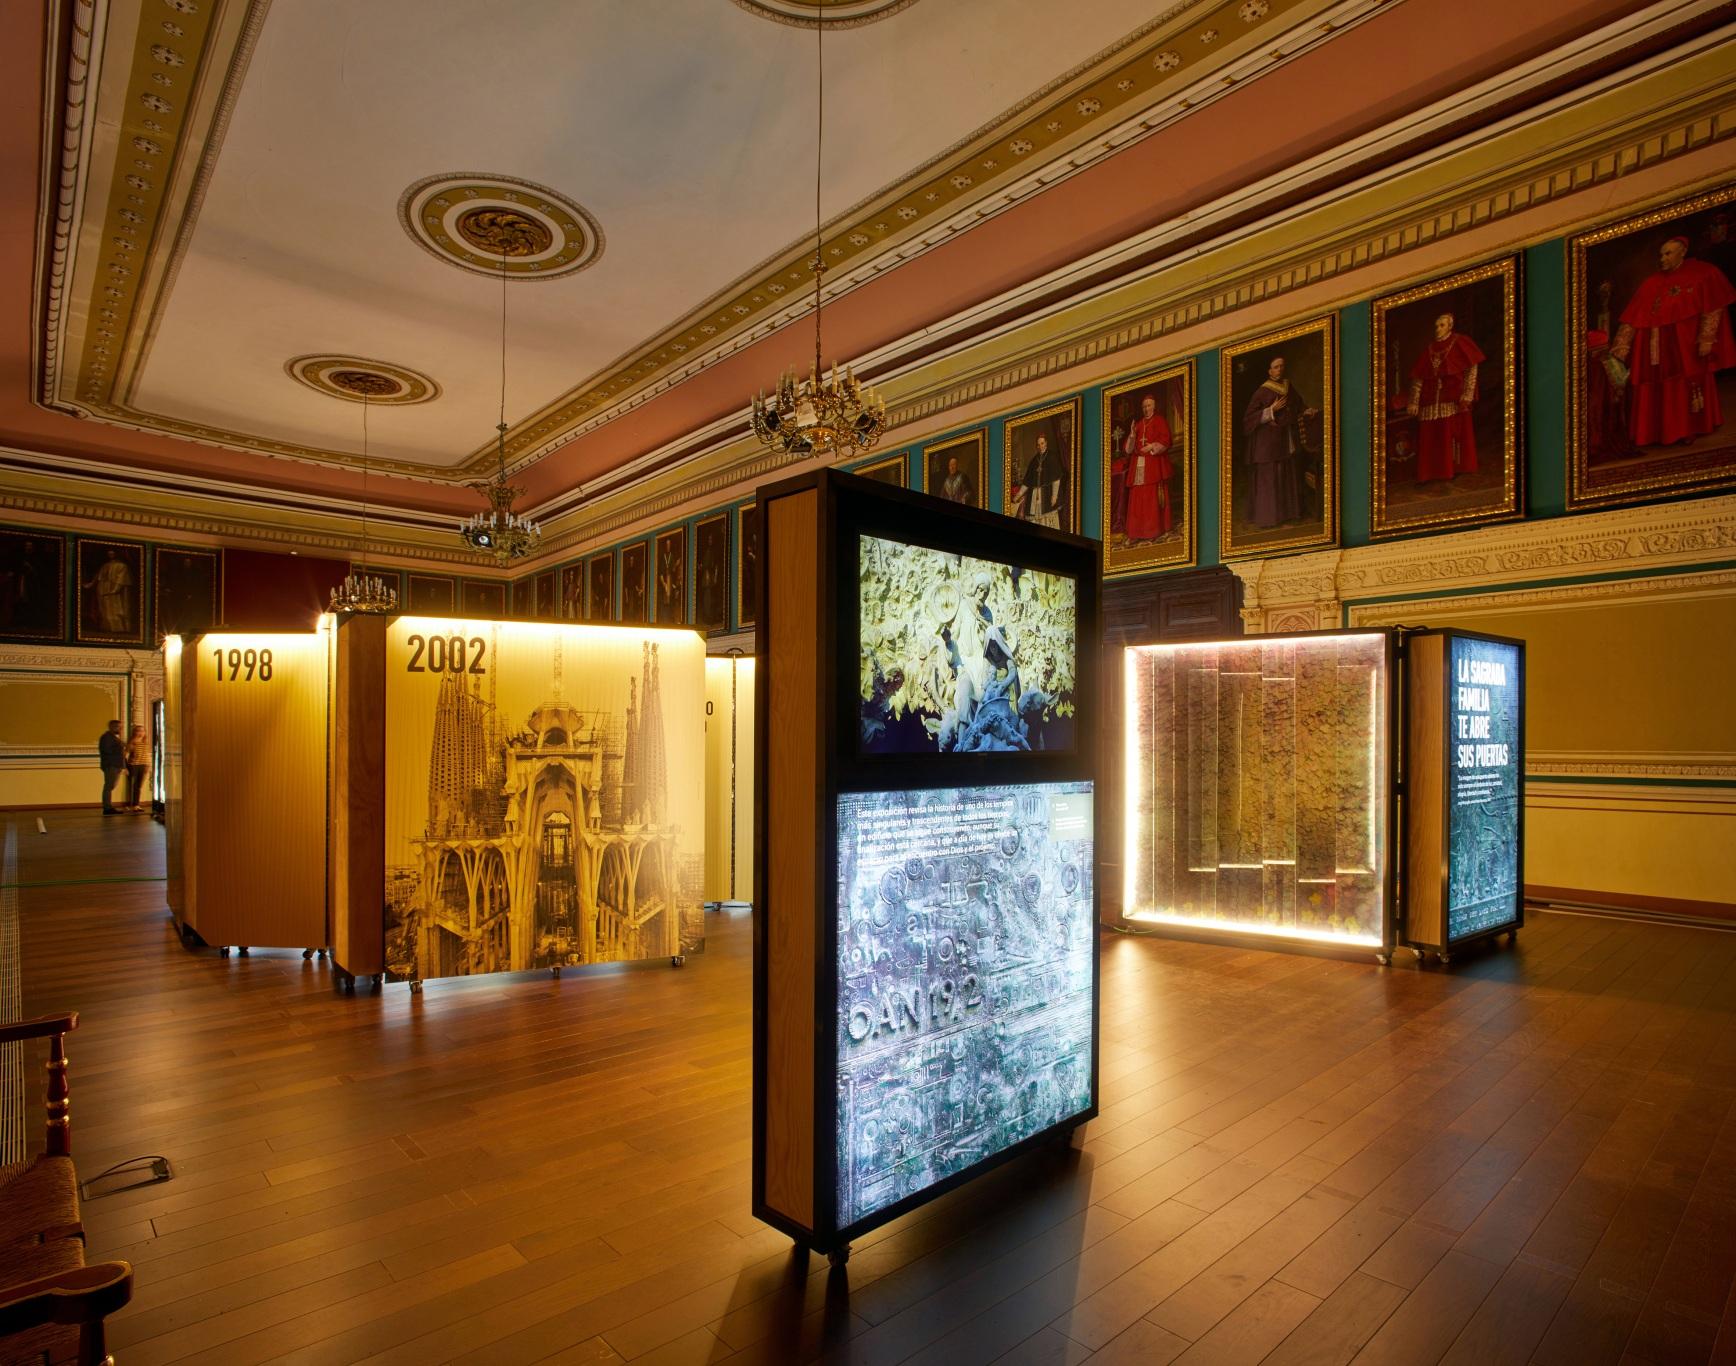 Exposición Gaudí Sagrada Familia. Cajas iluminadas, puertas de entrada, edificio en construcción. Sala antigua con retratos de cardenales.